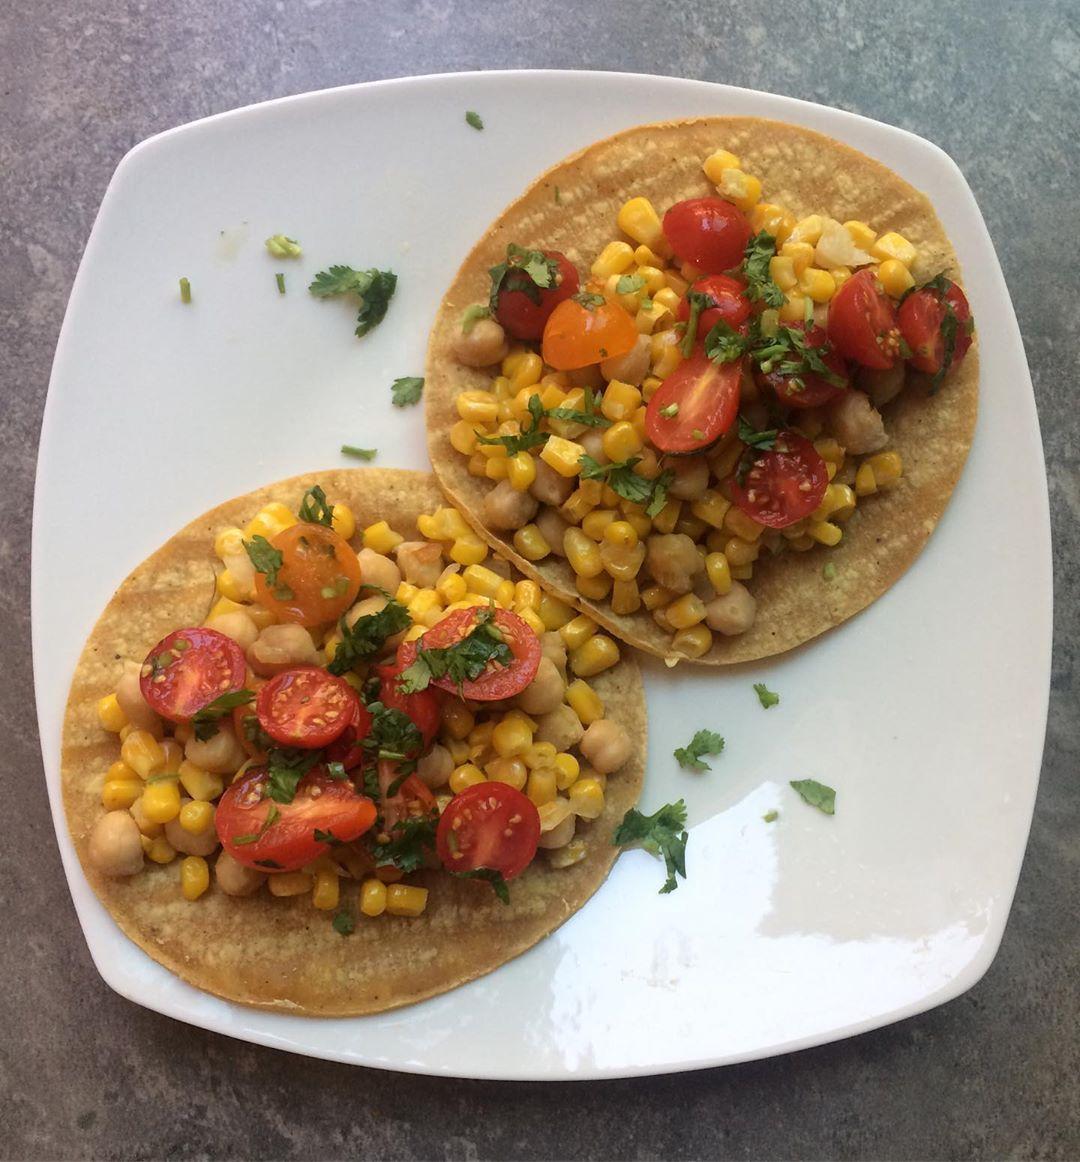 Garbanzo beans, corn, onion, tomato tostadas